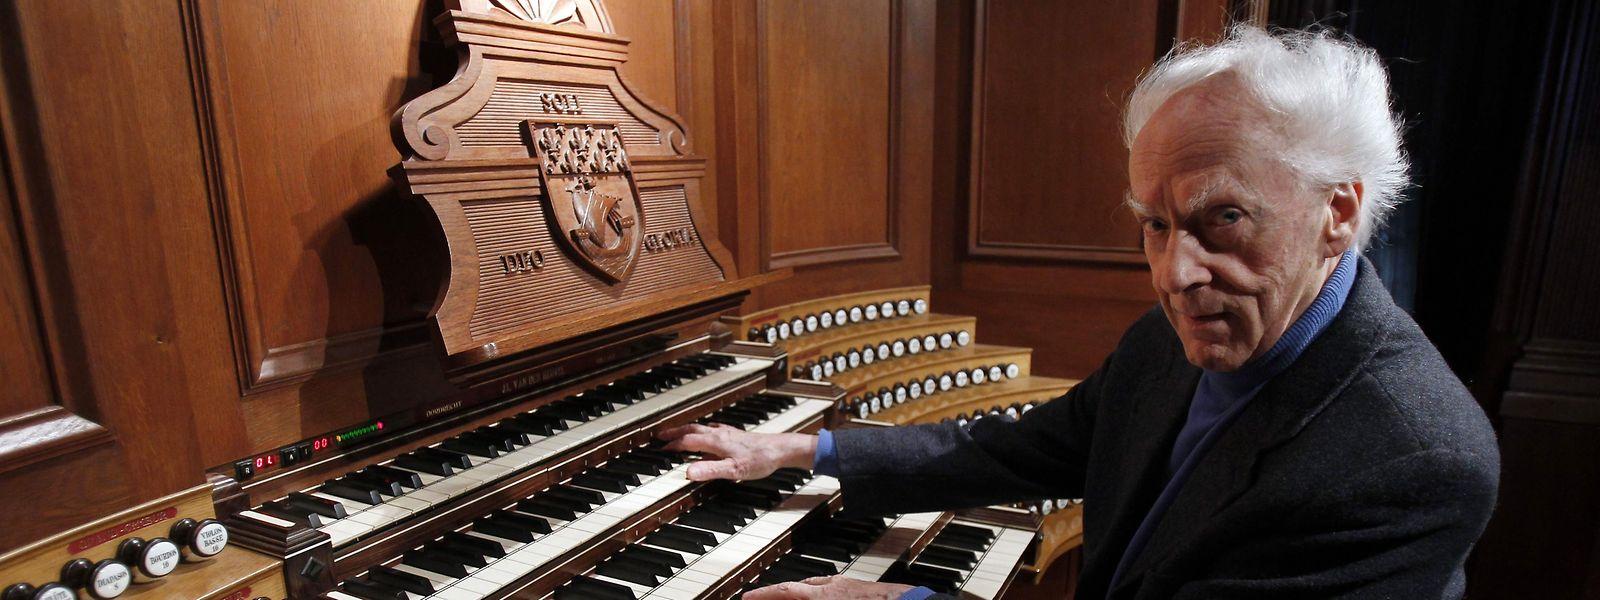 Jean Guillou à l'orgue de l'église Saint-Eustache de Paris en 2010.